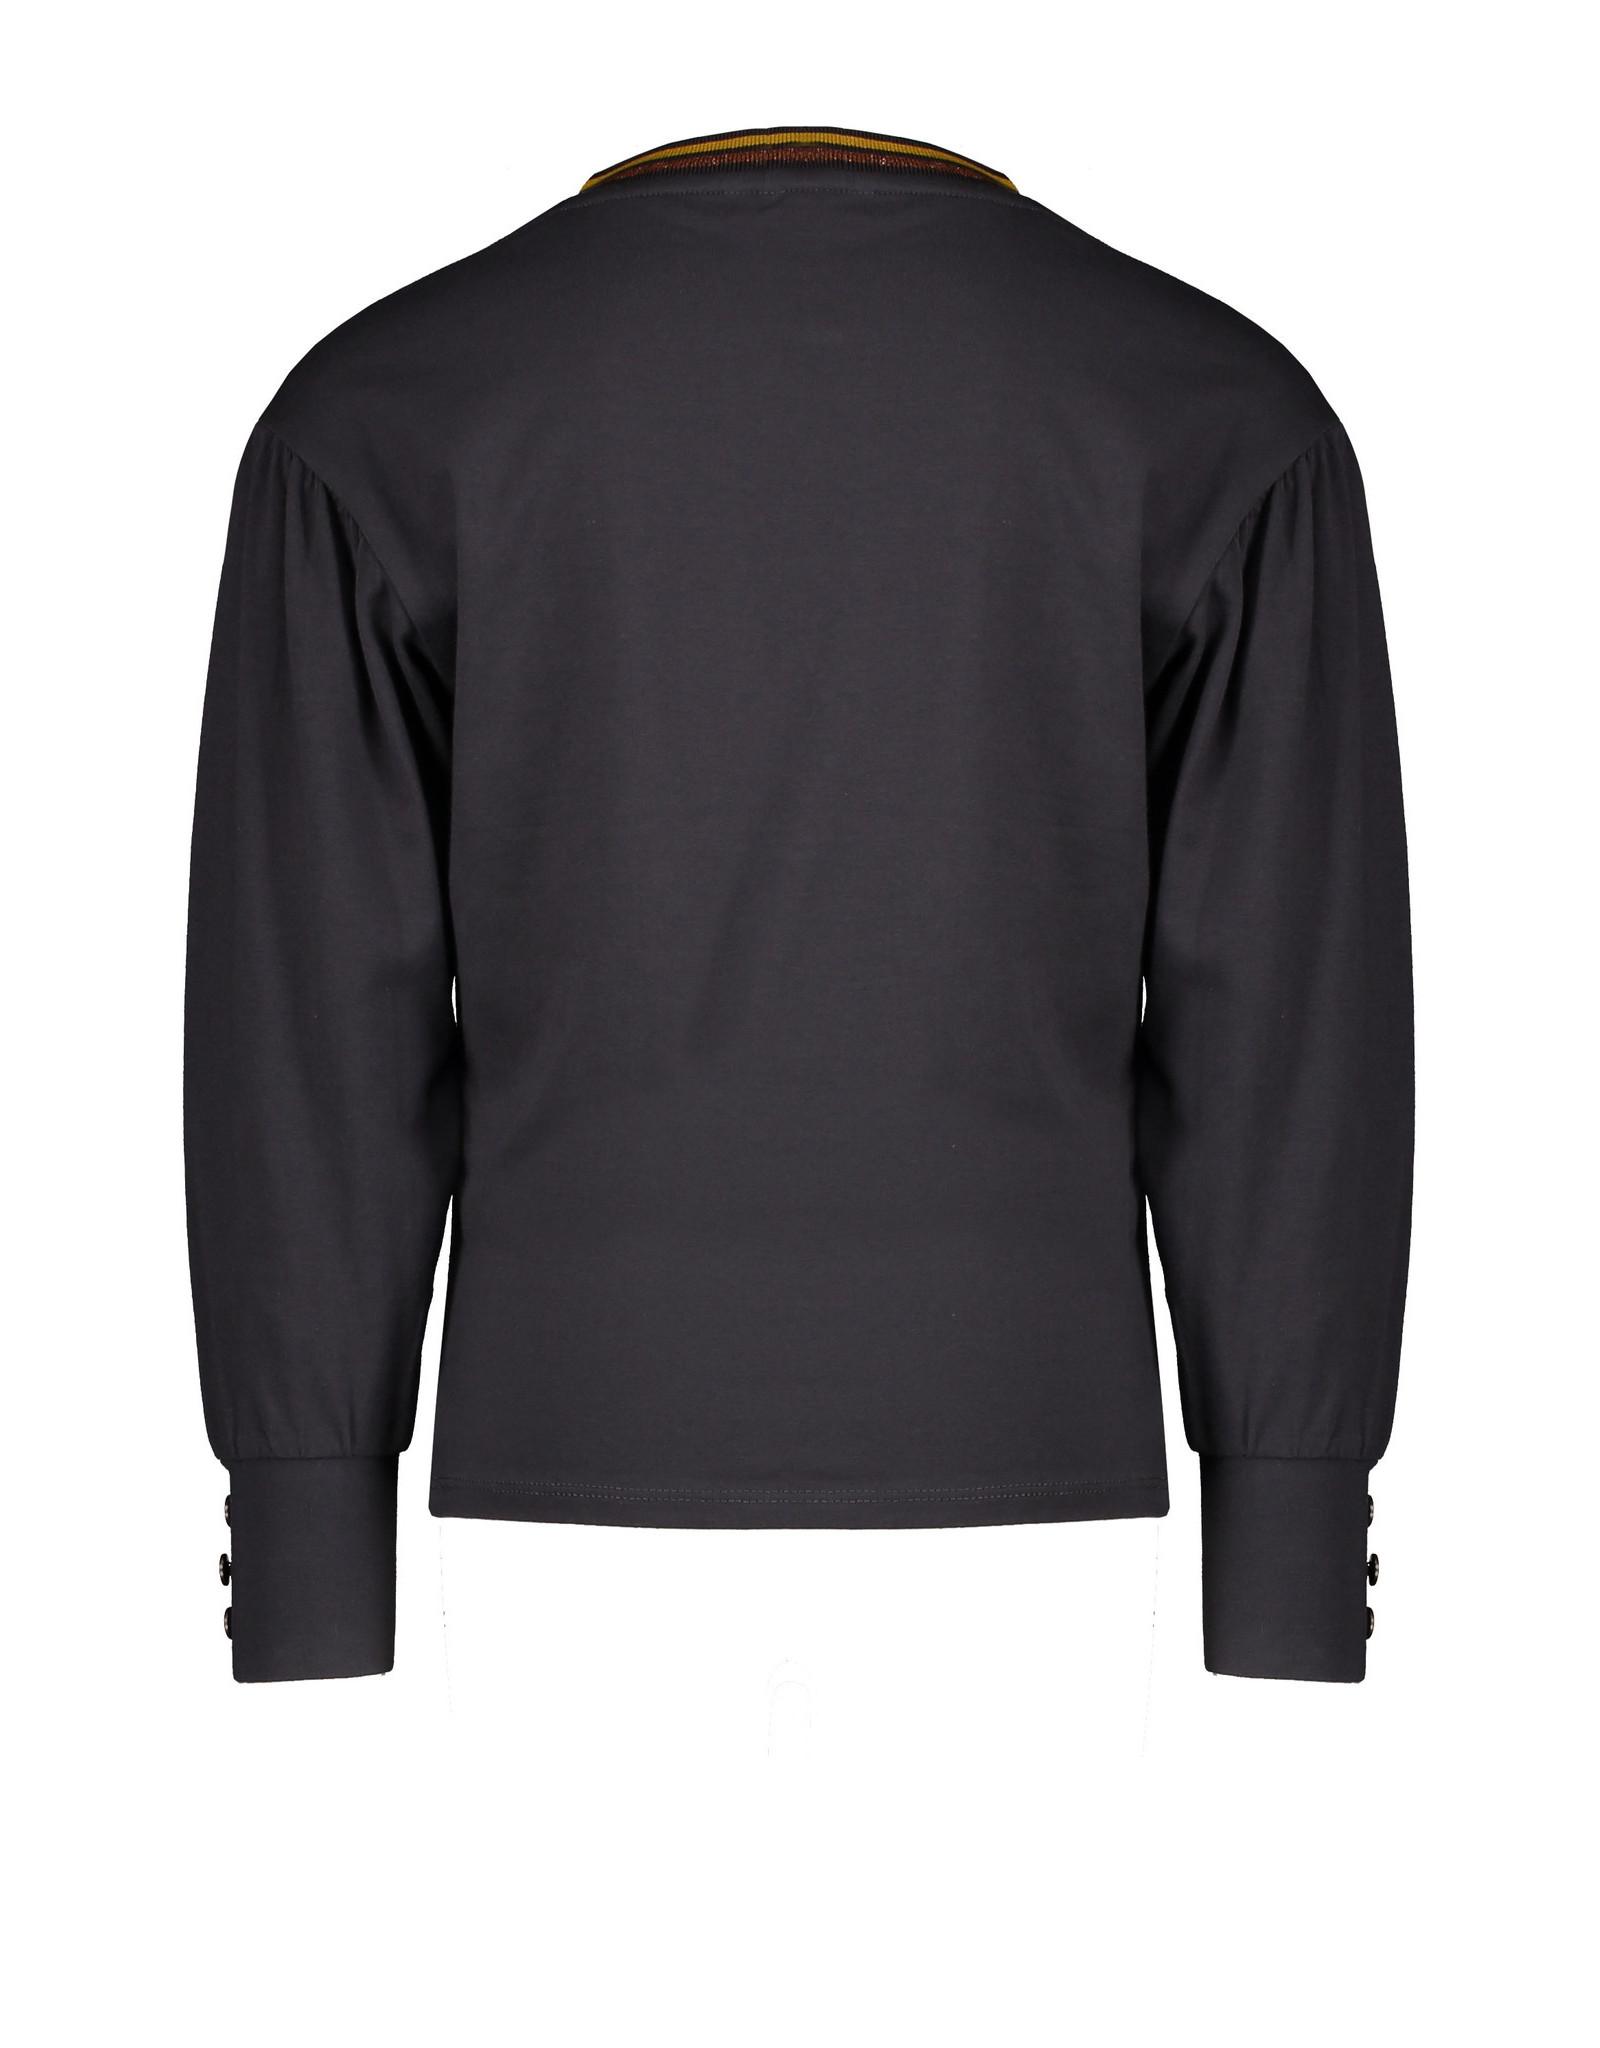 Nono NONO shirt 5405 phantom